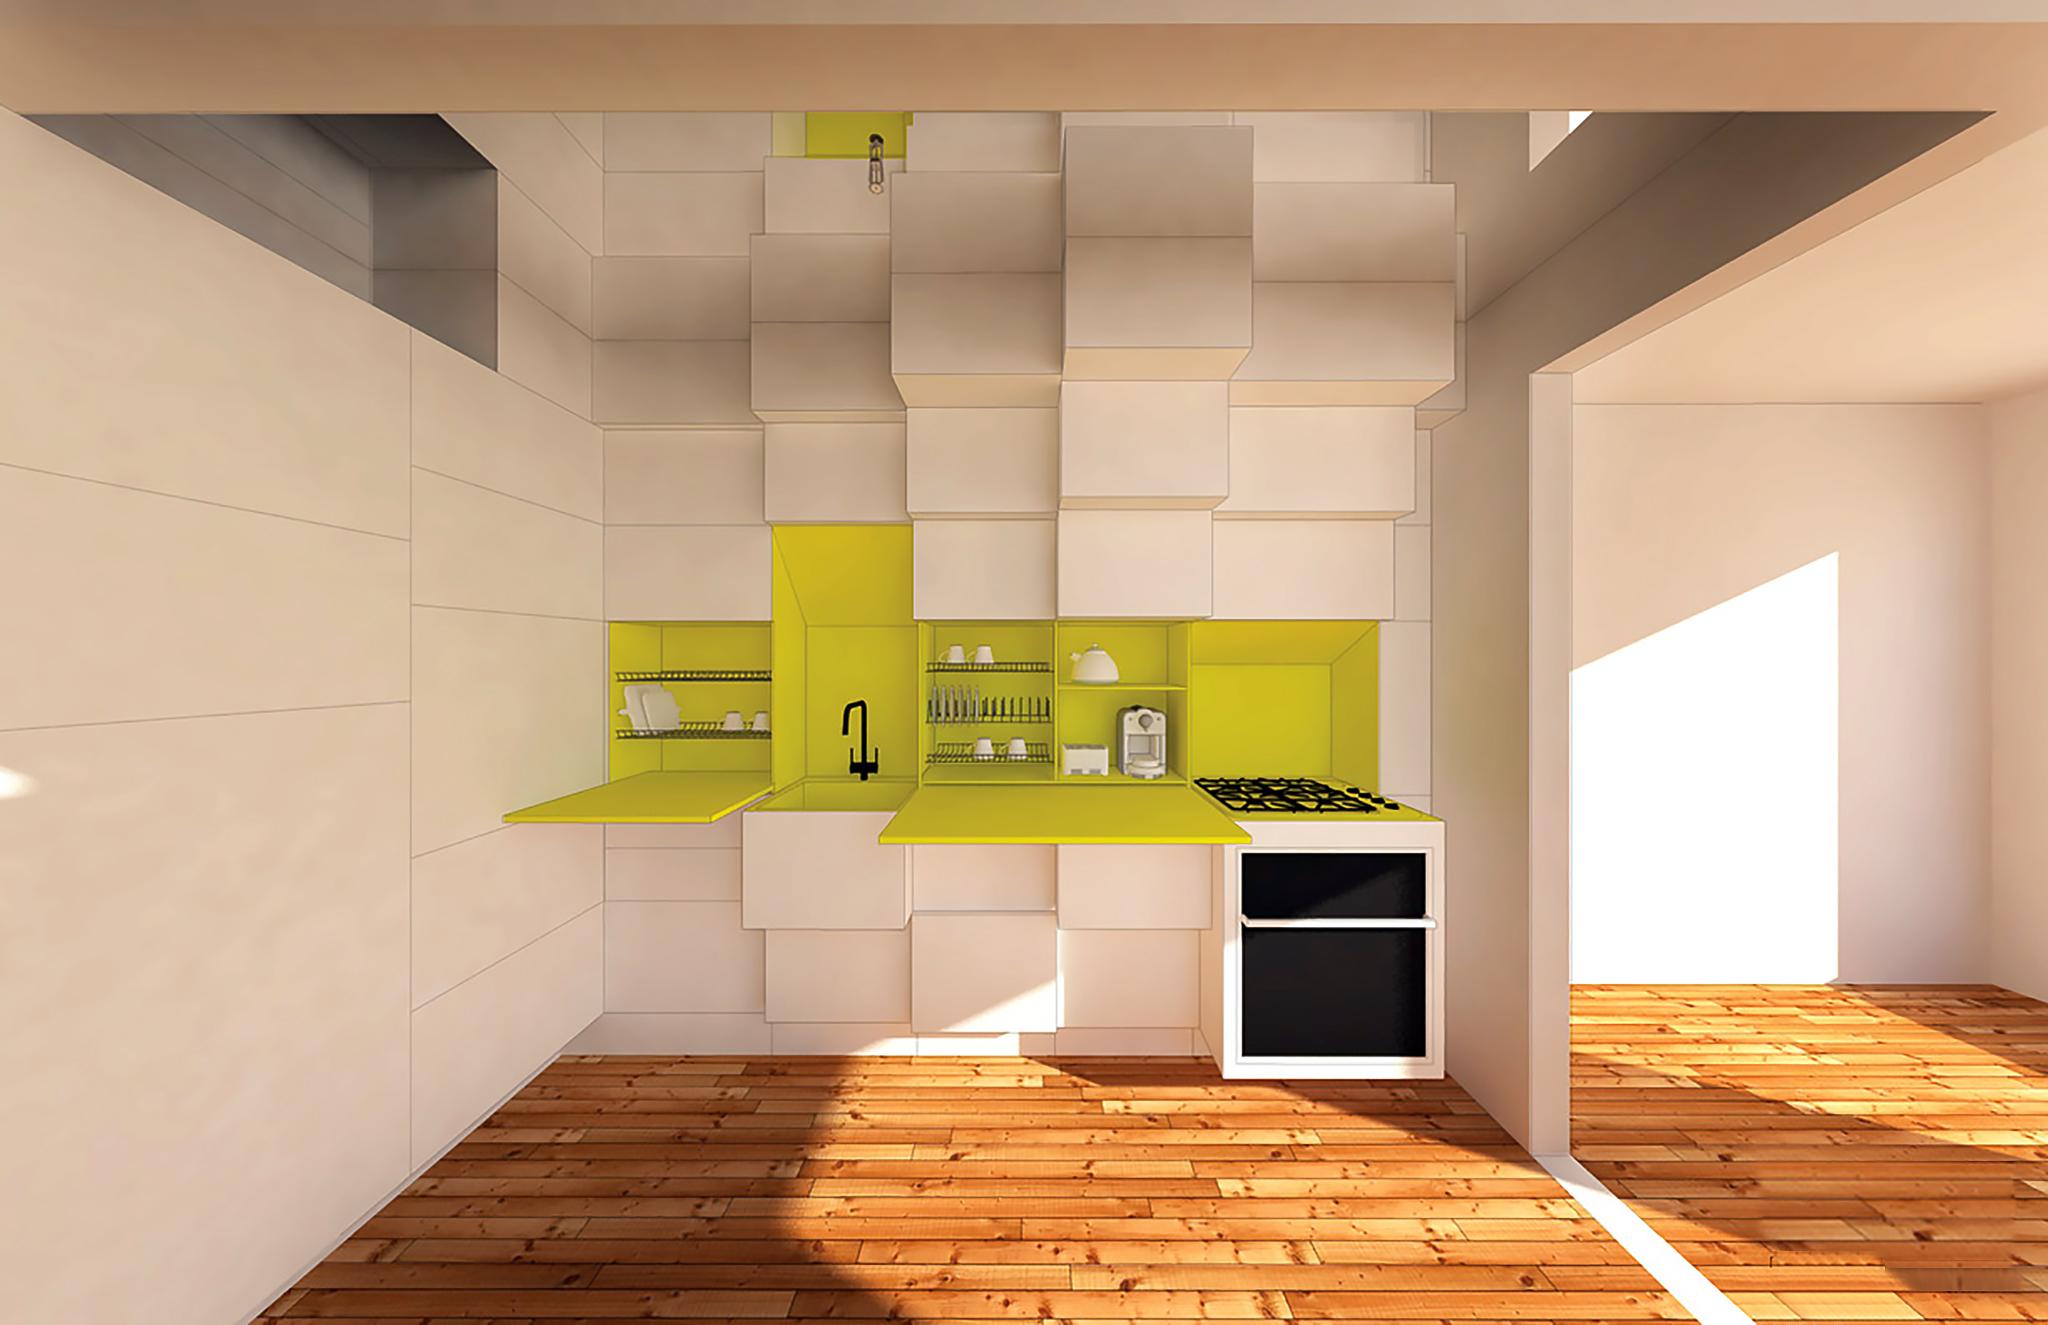 kitchen clound_modo27.jpg